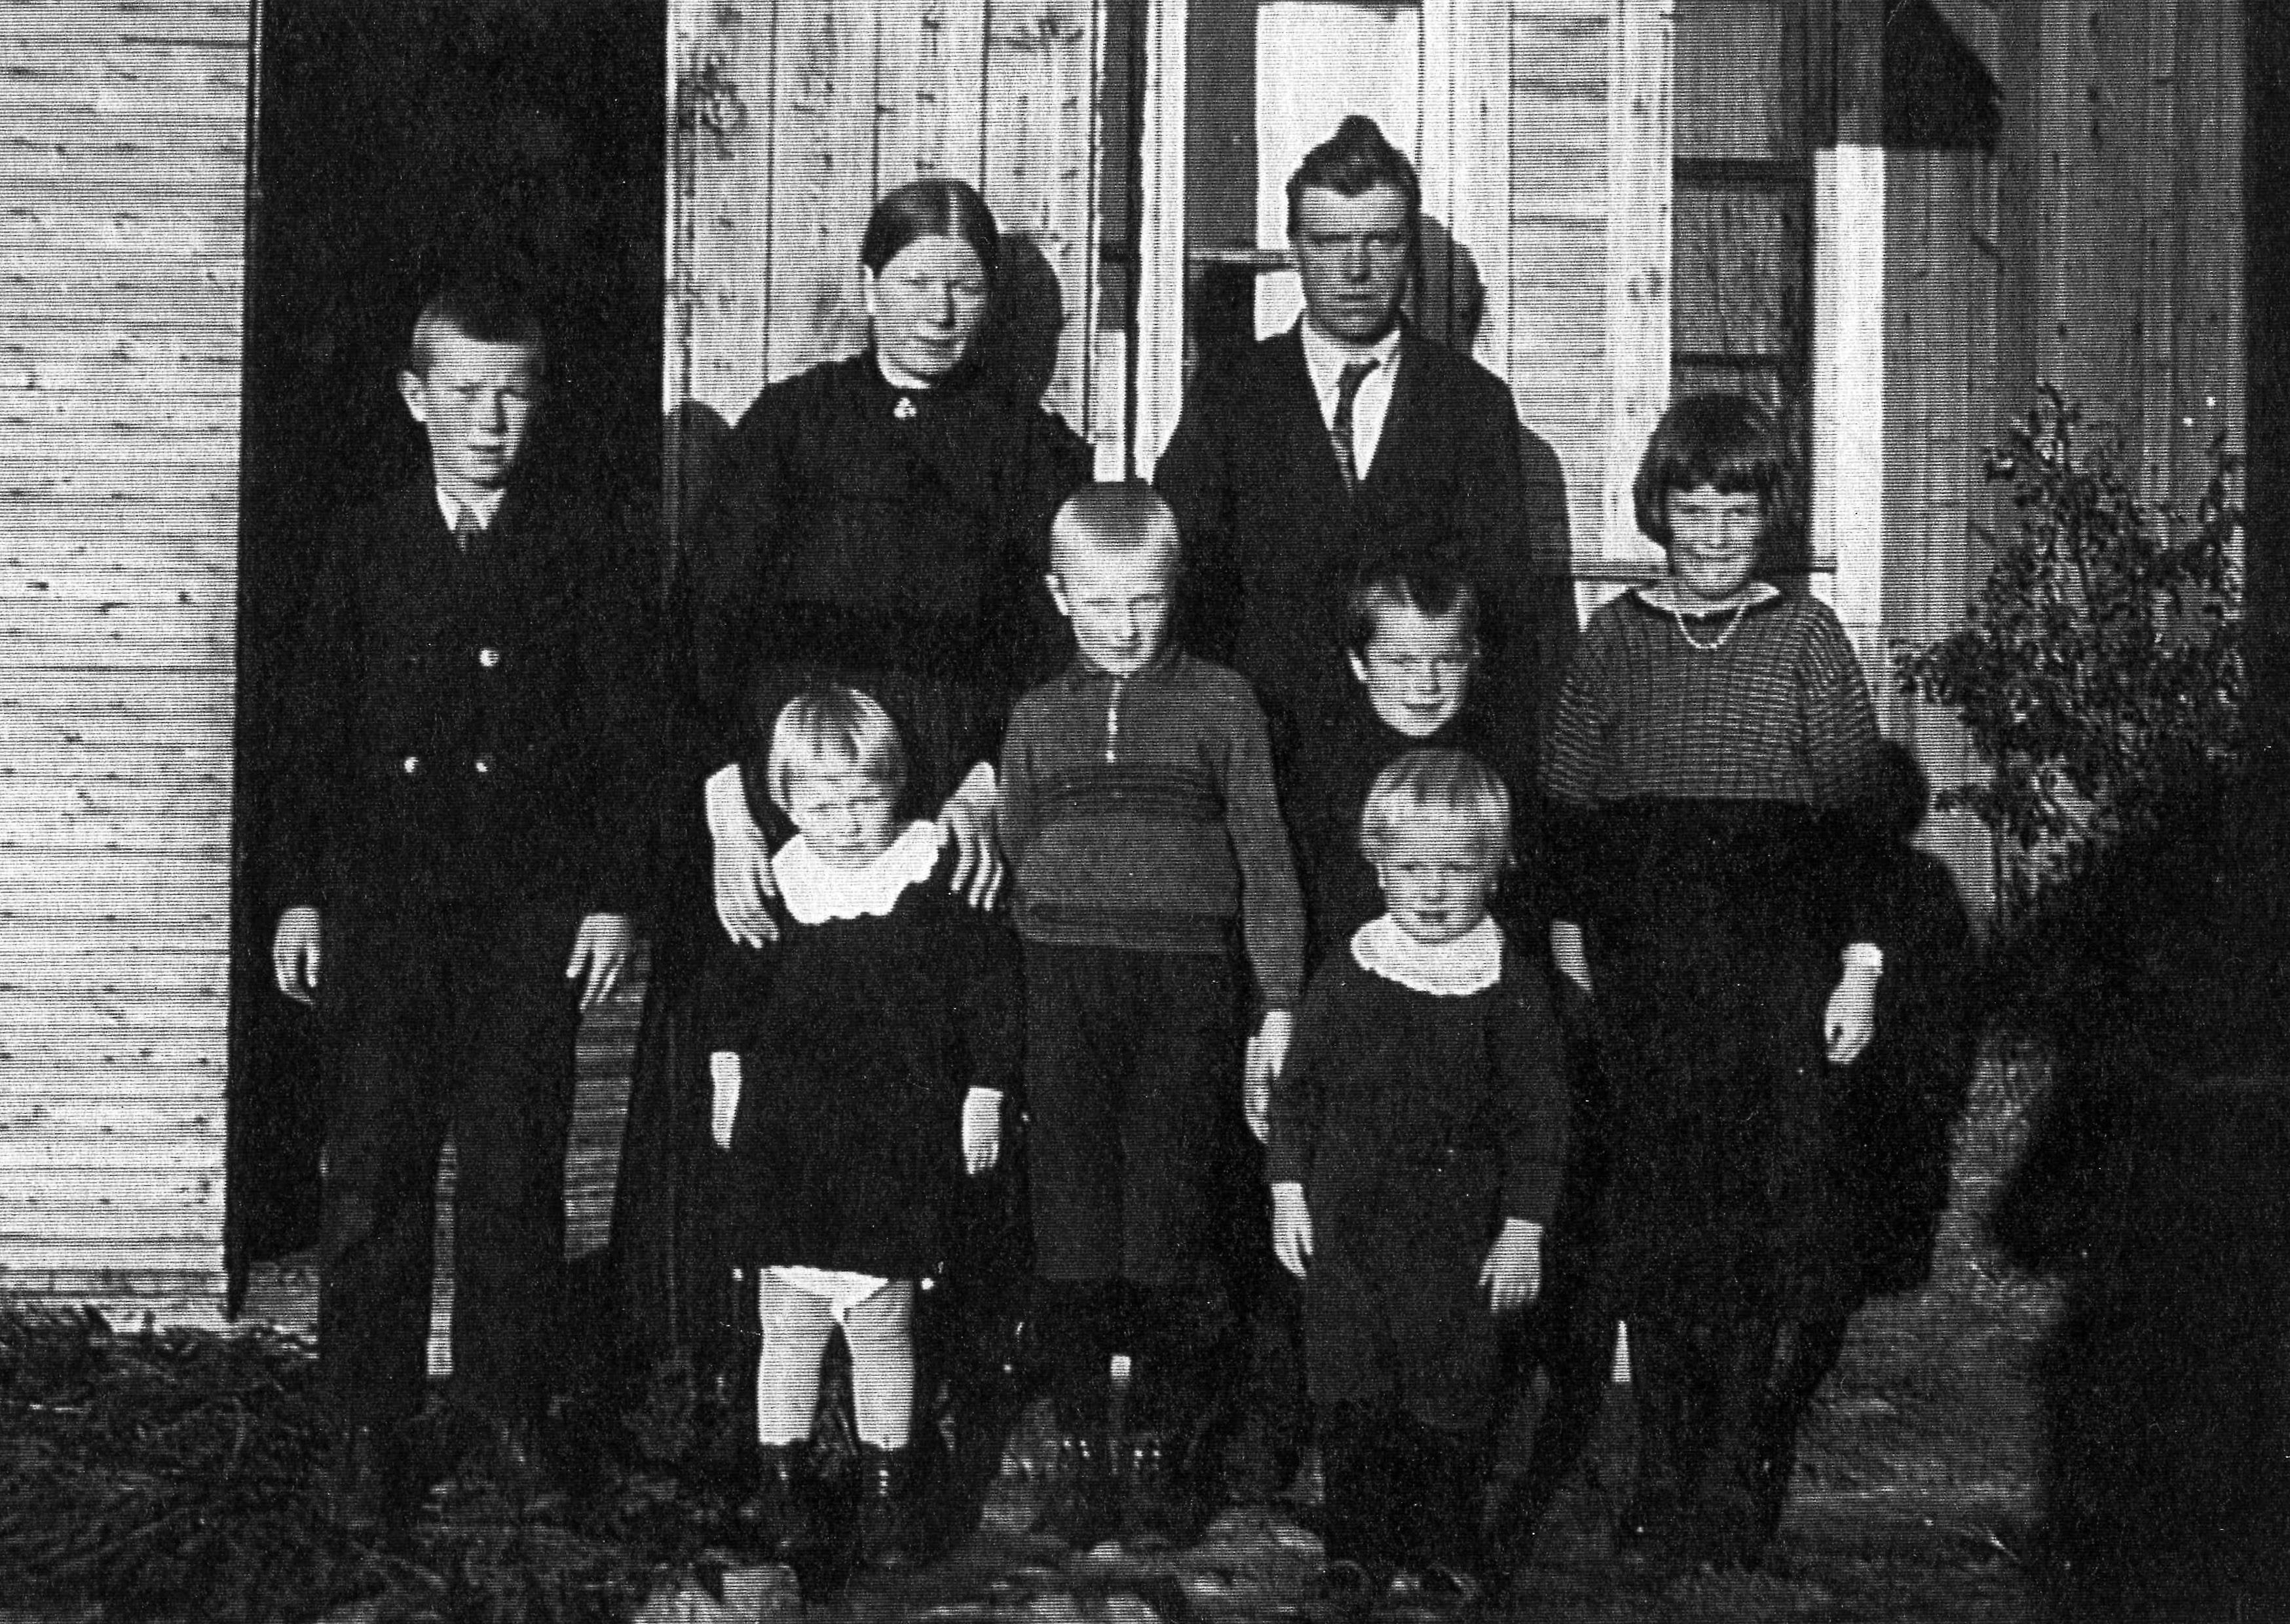 Här står Hilma och Emil Sandbacka med barnen Elis längst till vänster. I mitten står Egil och följande är Erik och Else. Längst fram står Alice och Åke. Fotot från 1937-38.